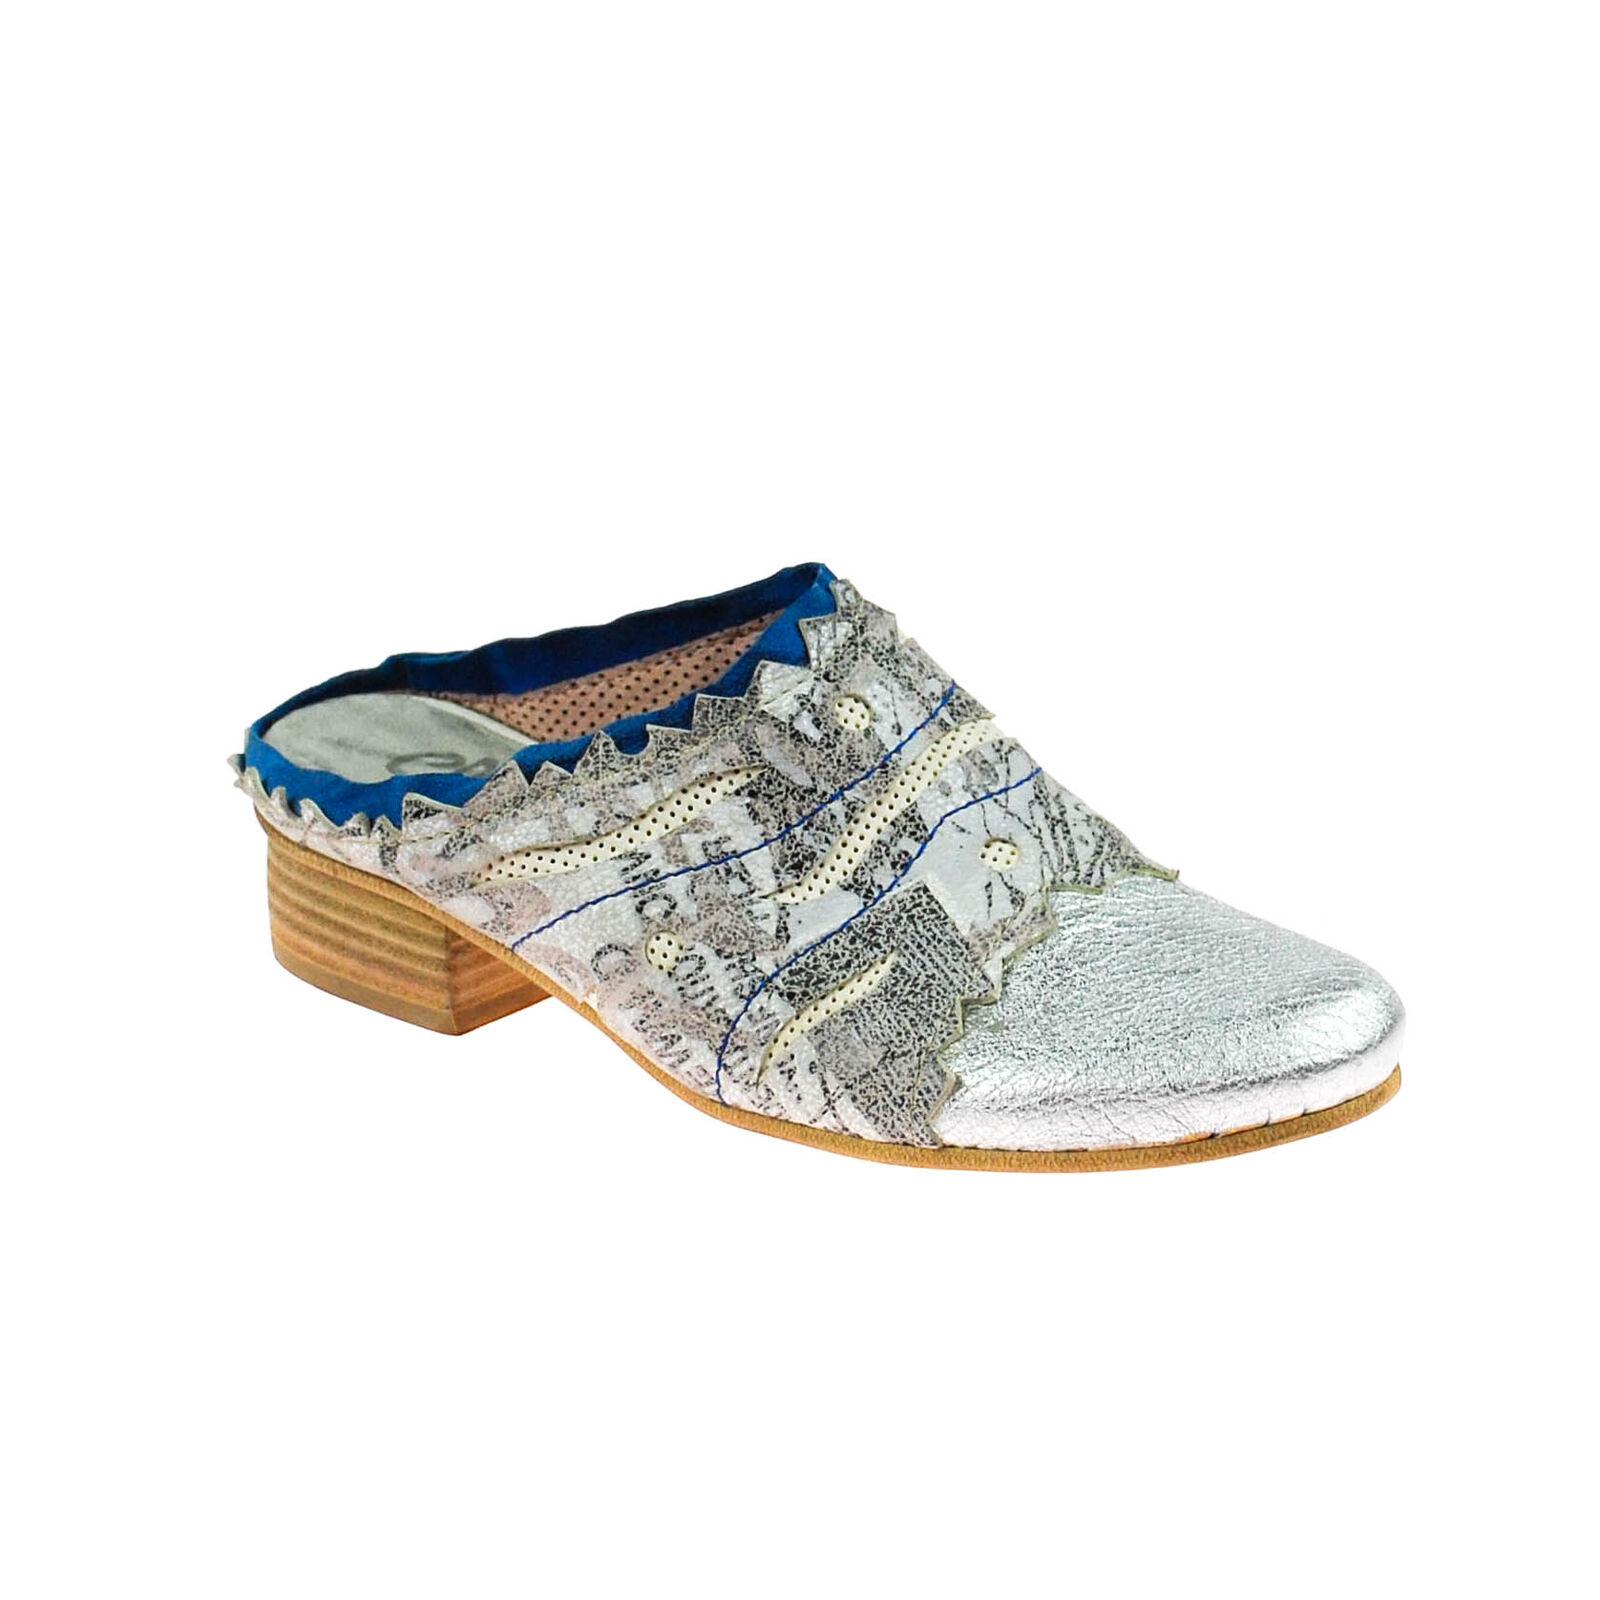 liquidazione Fascino Donna Scarpe Basse Aperte Sandali in Pelle Grigio argentoo argentoo argentoo Blu Bianco Multicolore  contatore genuino